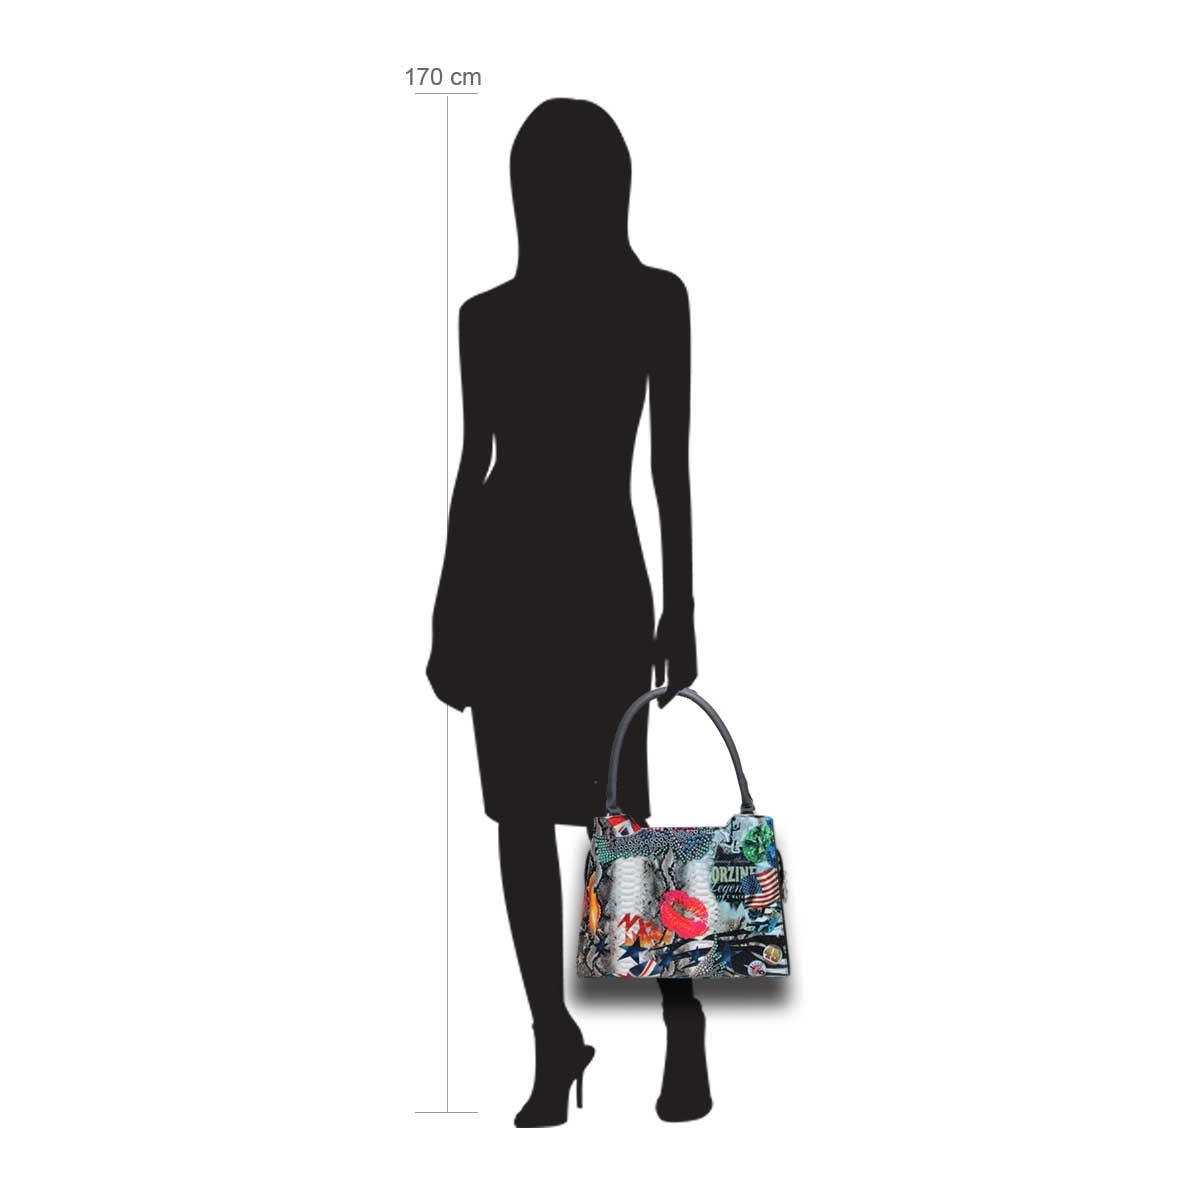 Puppe 170 cm groß zeigt die Taschengröße an . Modell: Kissmit